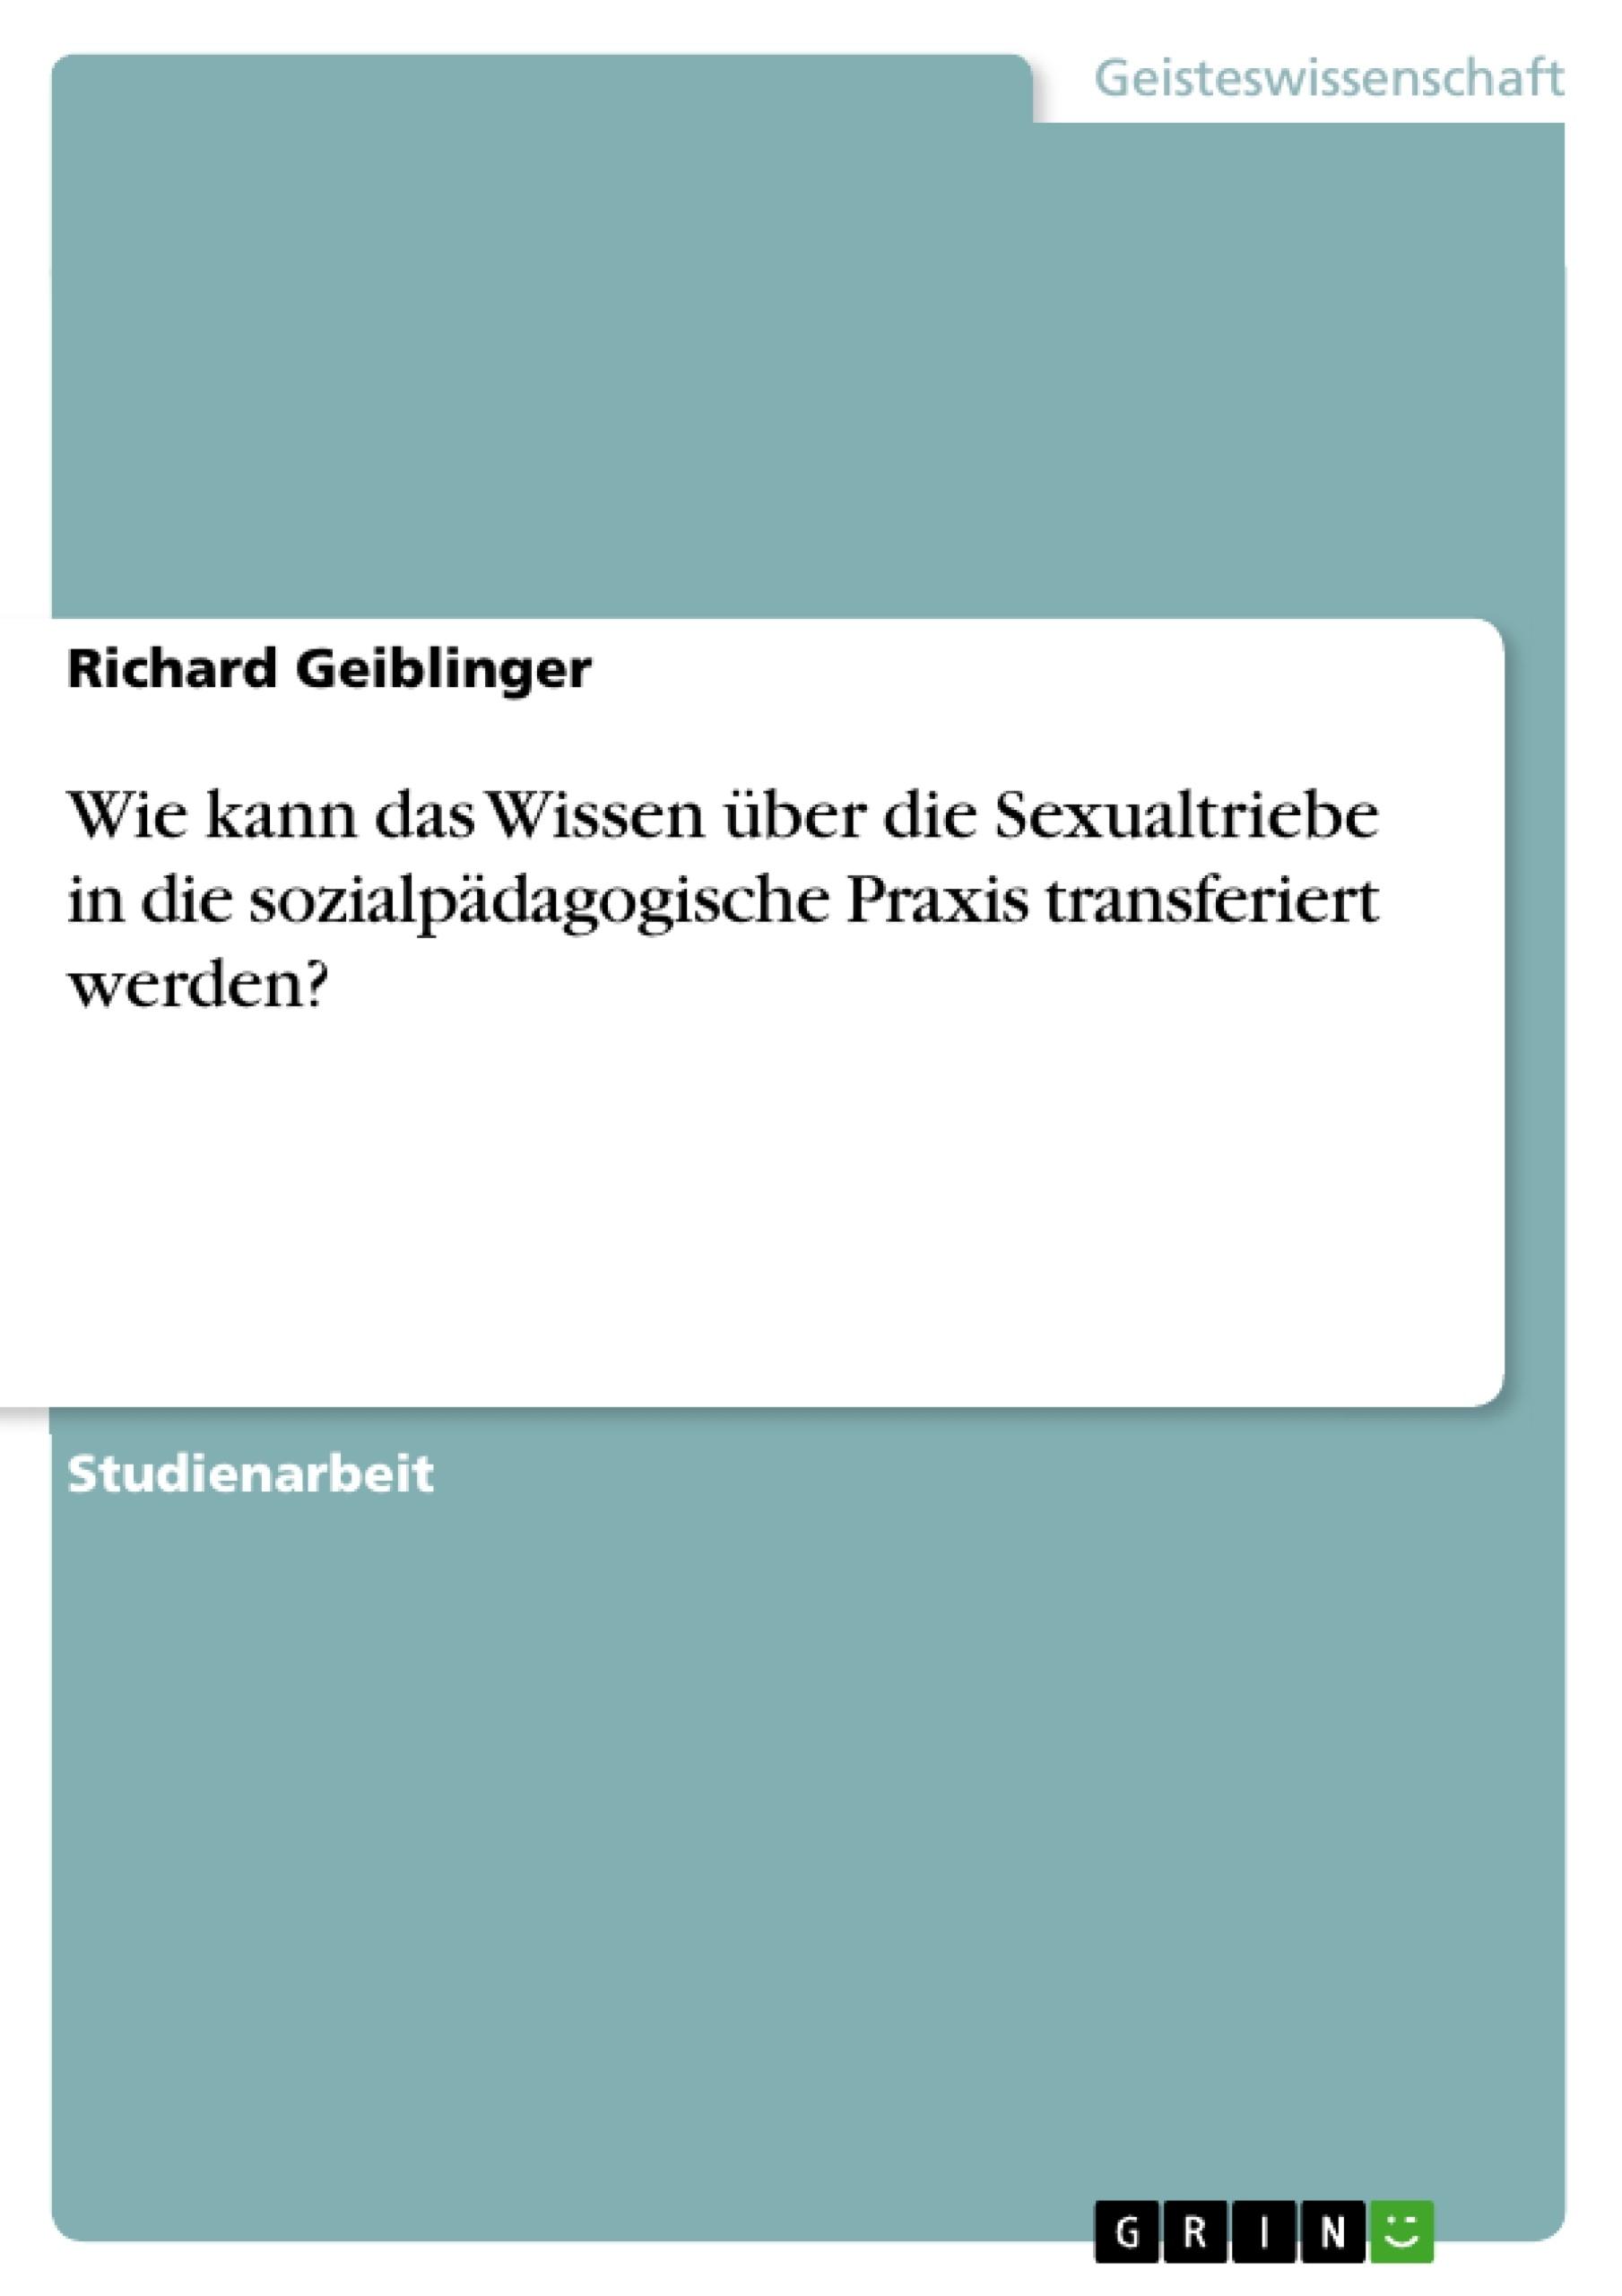 Titel: Wie kann das Wissen über die Sexualtriebe in die sozialpädagogische Praxis transferiert werden?